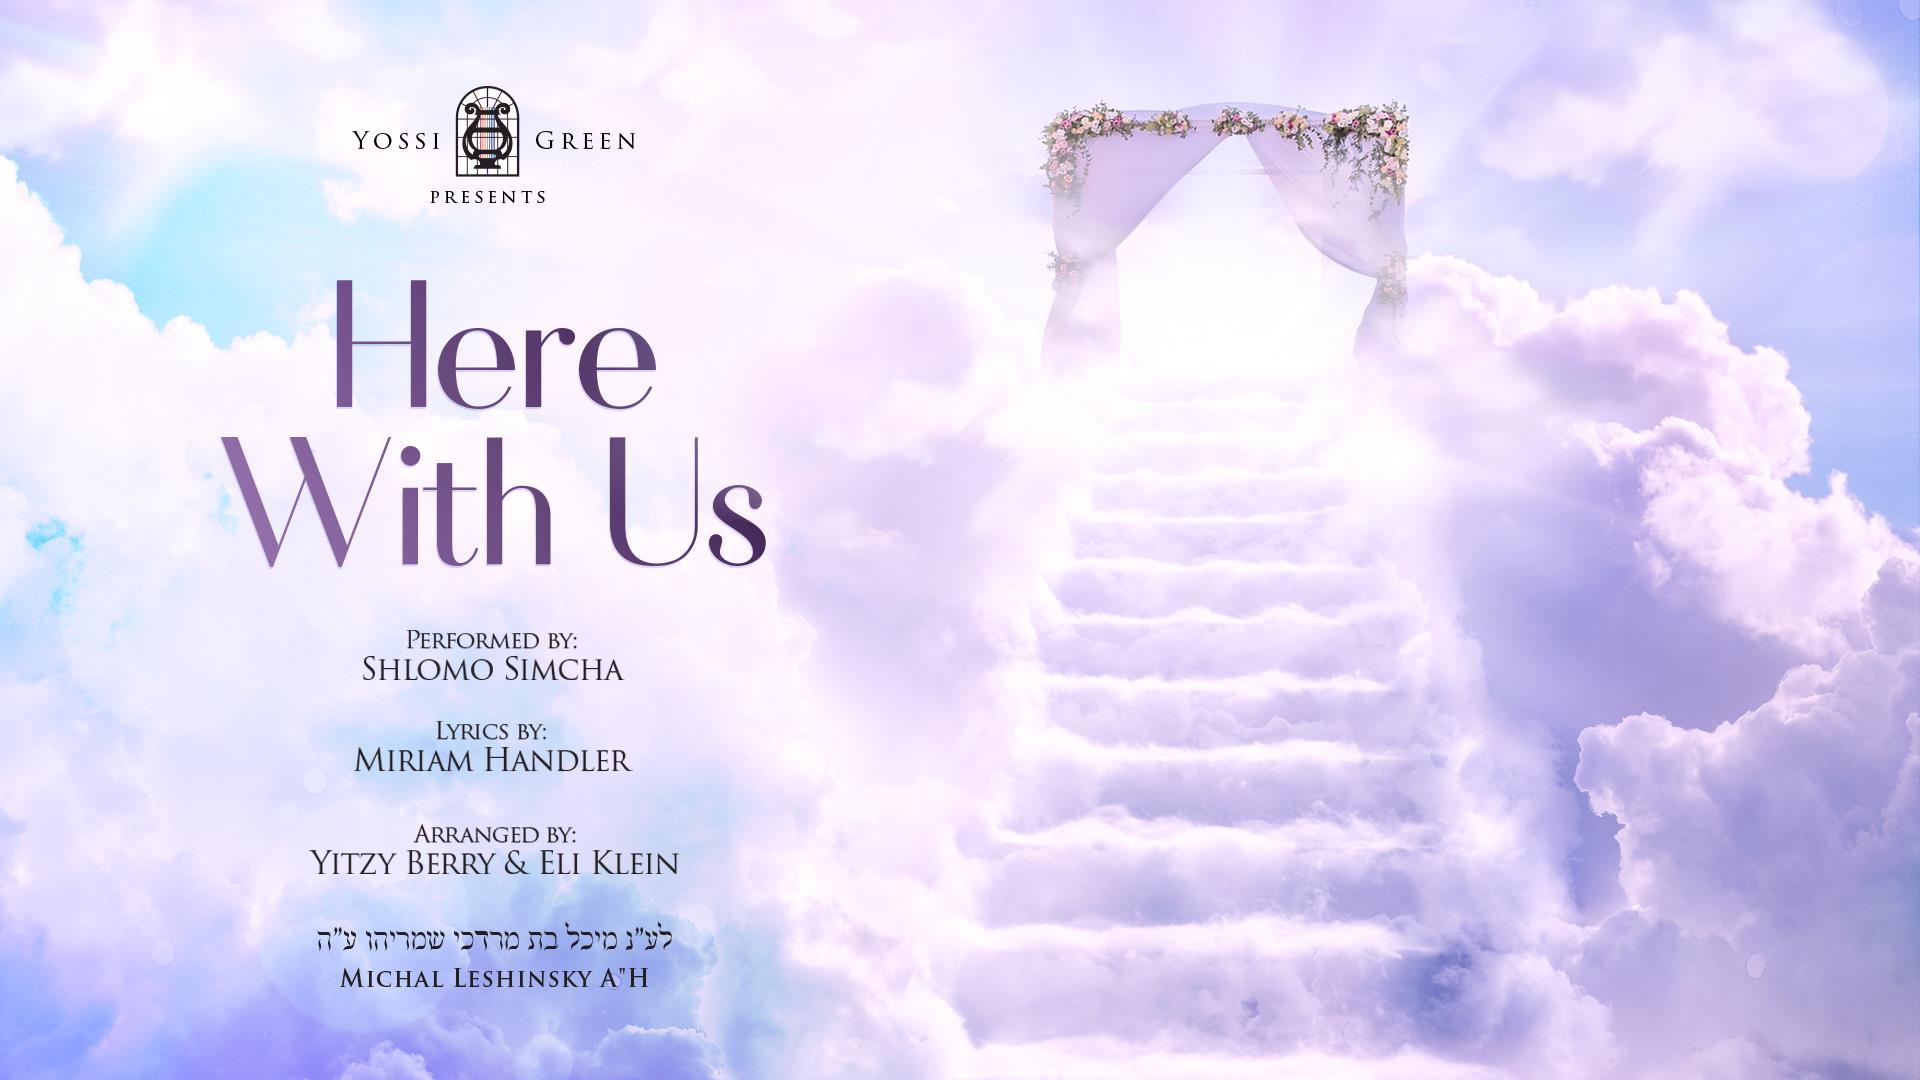 """יוסי גרין מארח את שלמה שמחה: """"Here With Us"""" 9"""